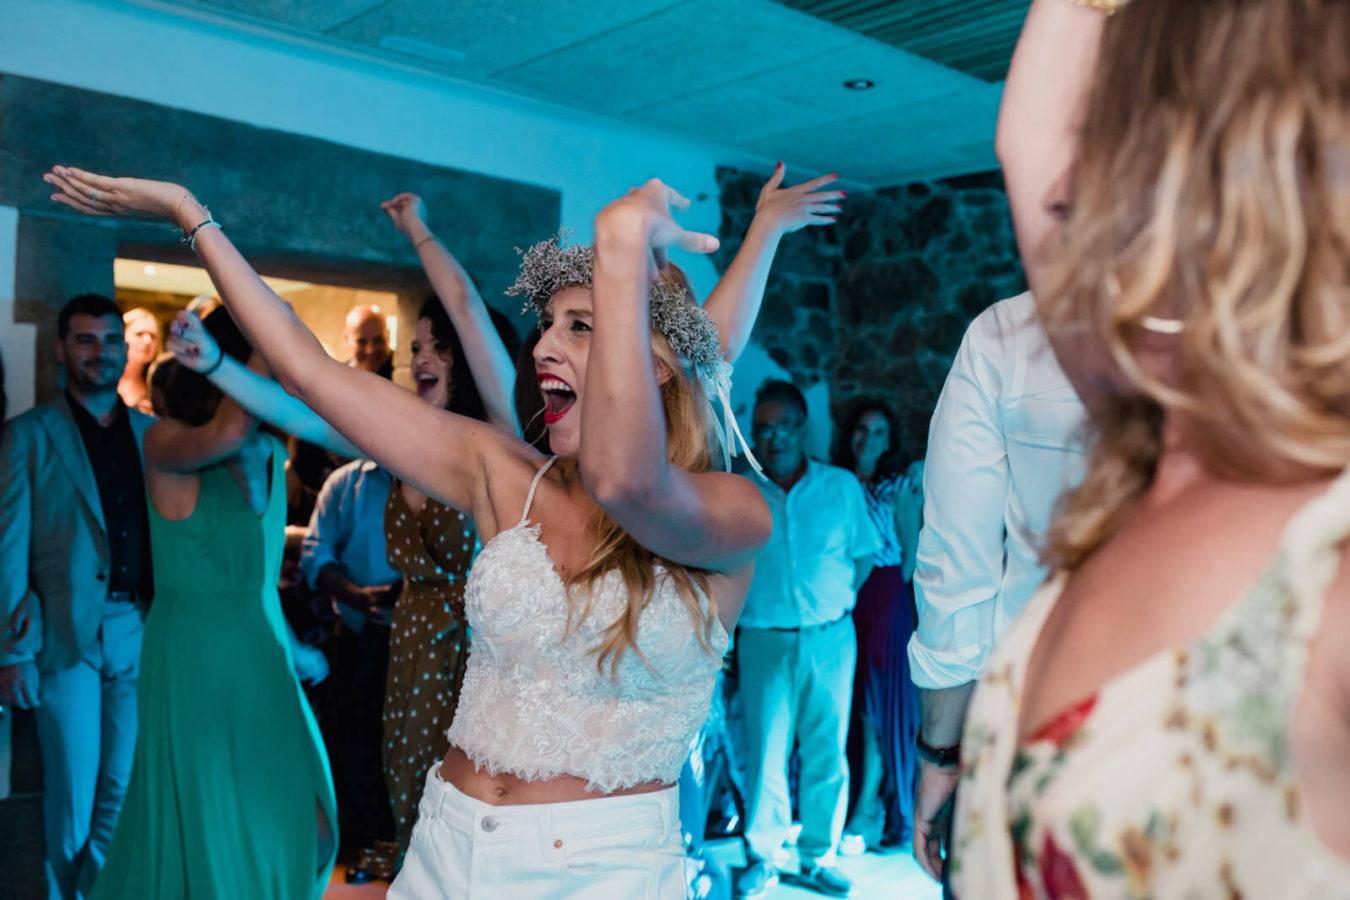 Wedding Photographer Boho Chic Style